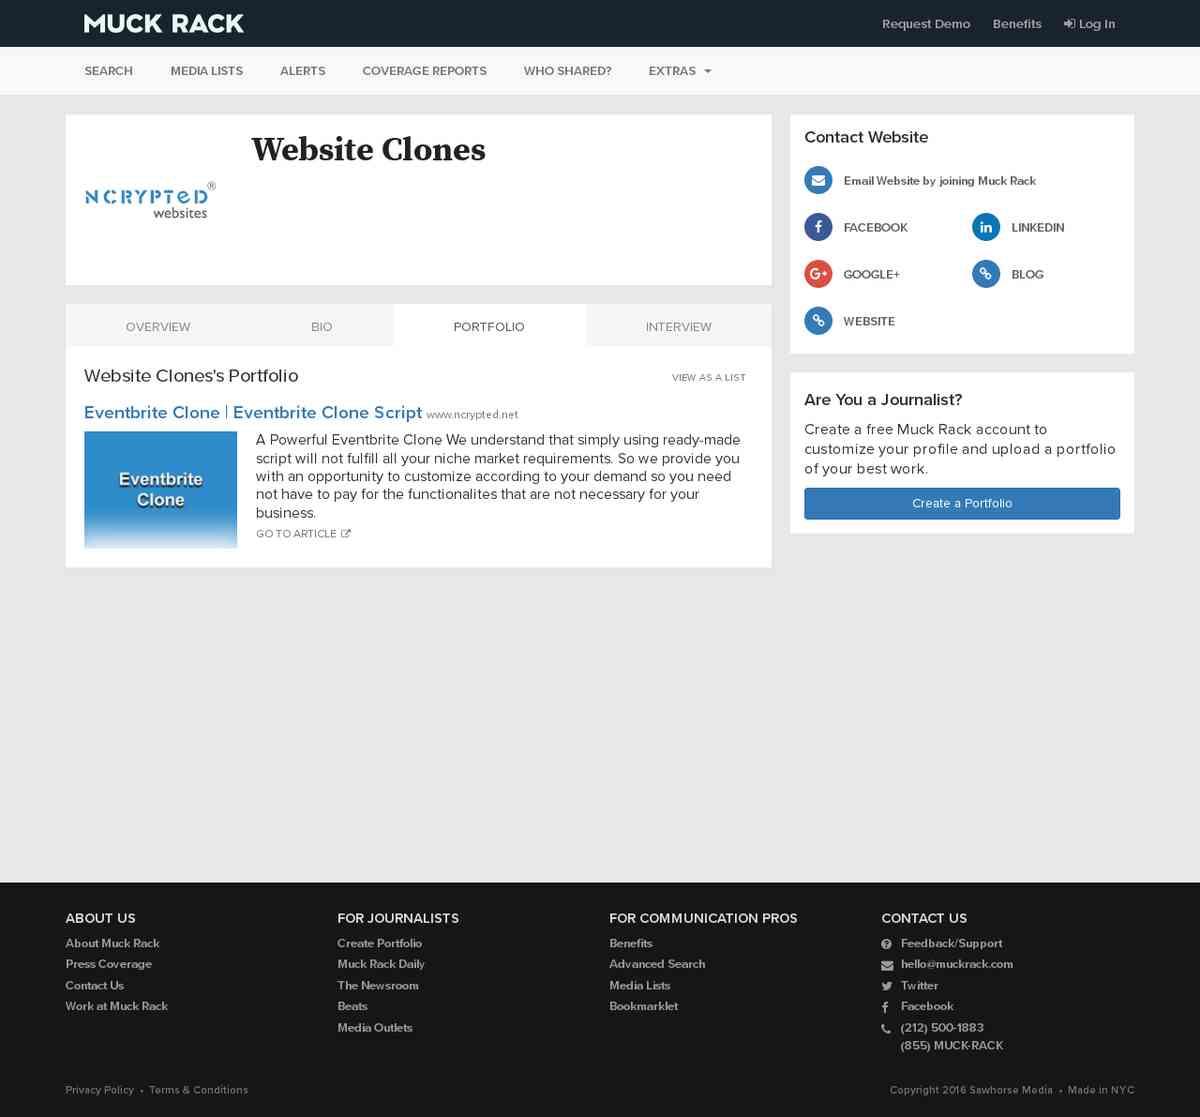 muckrack.com/website-clones/portfolio/KQd/eventbrite-clone-eventbrite-clone-script